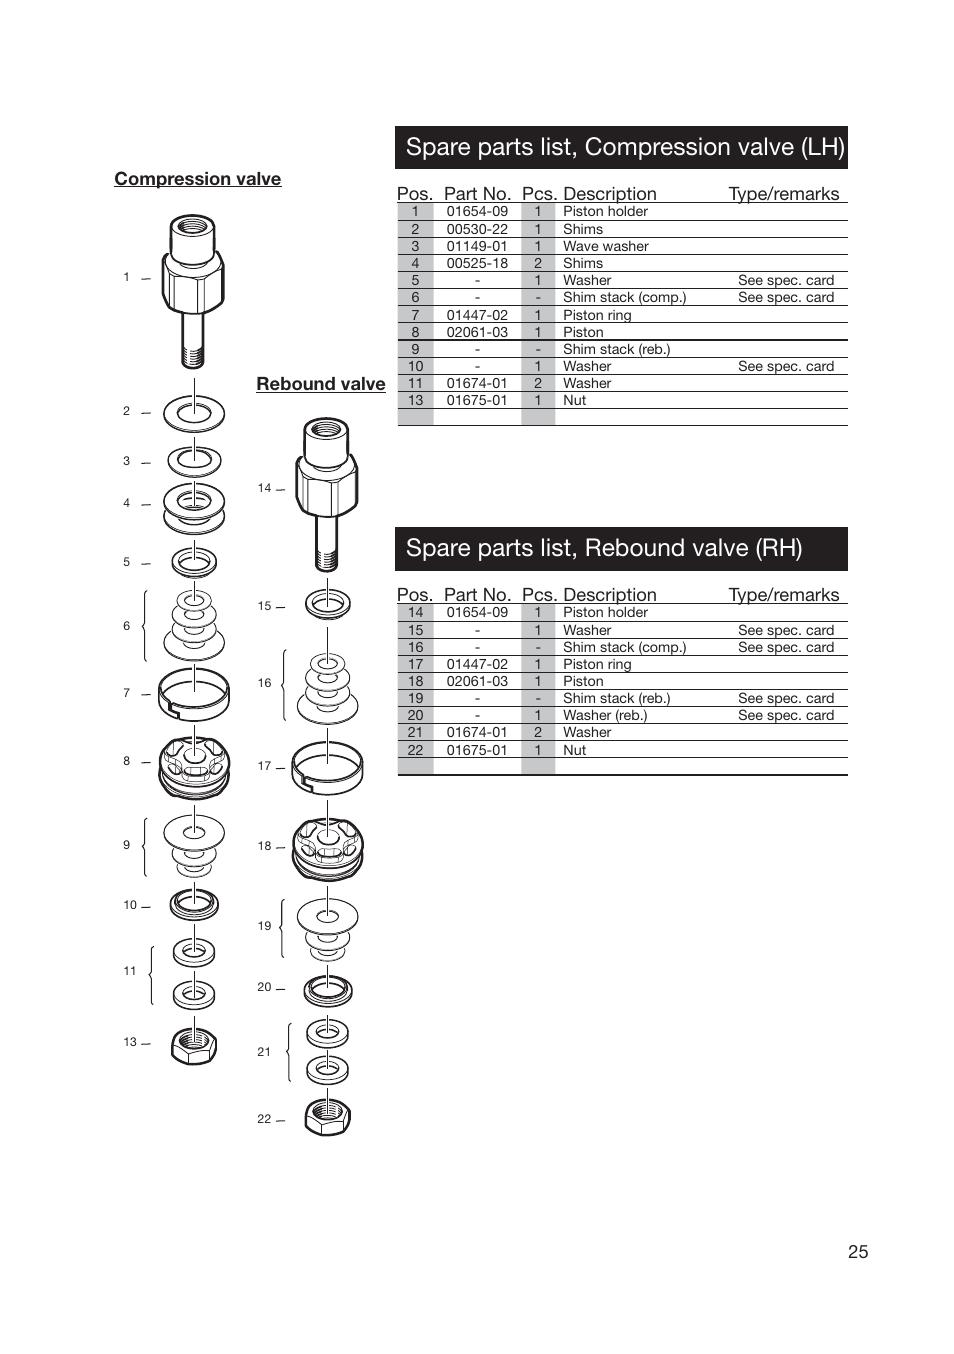 Spare parts list, compression valve (lh), Spare parts list